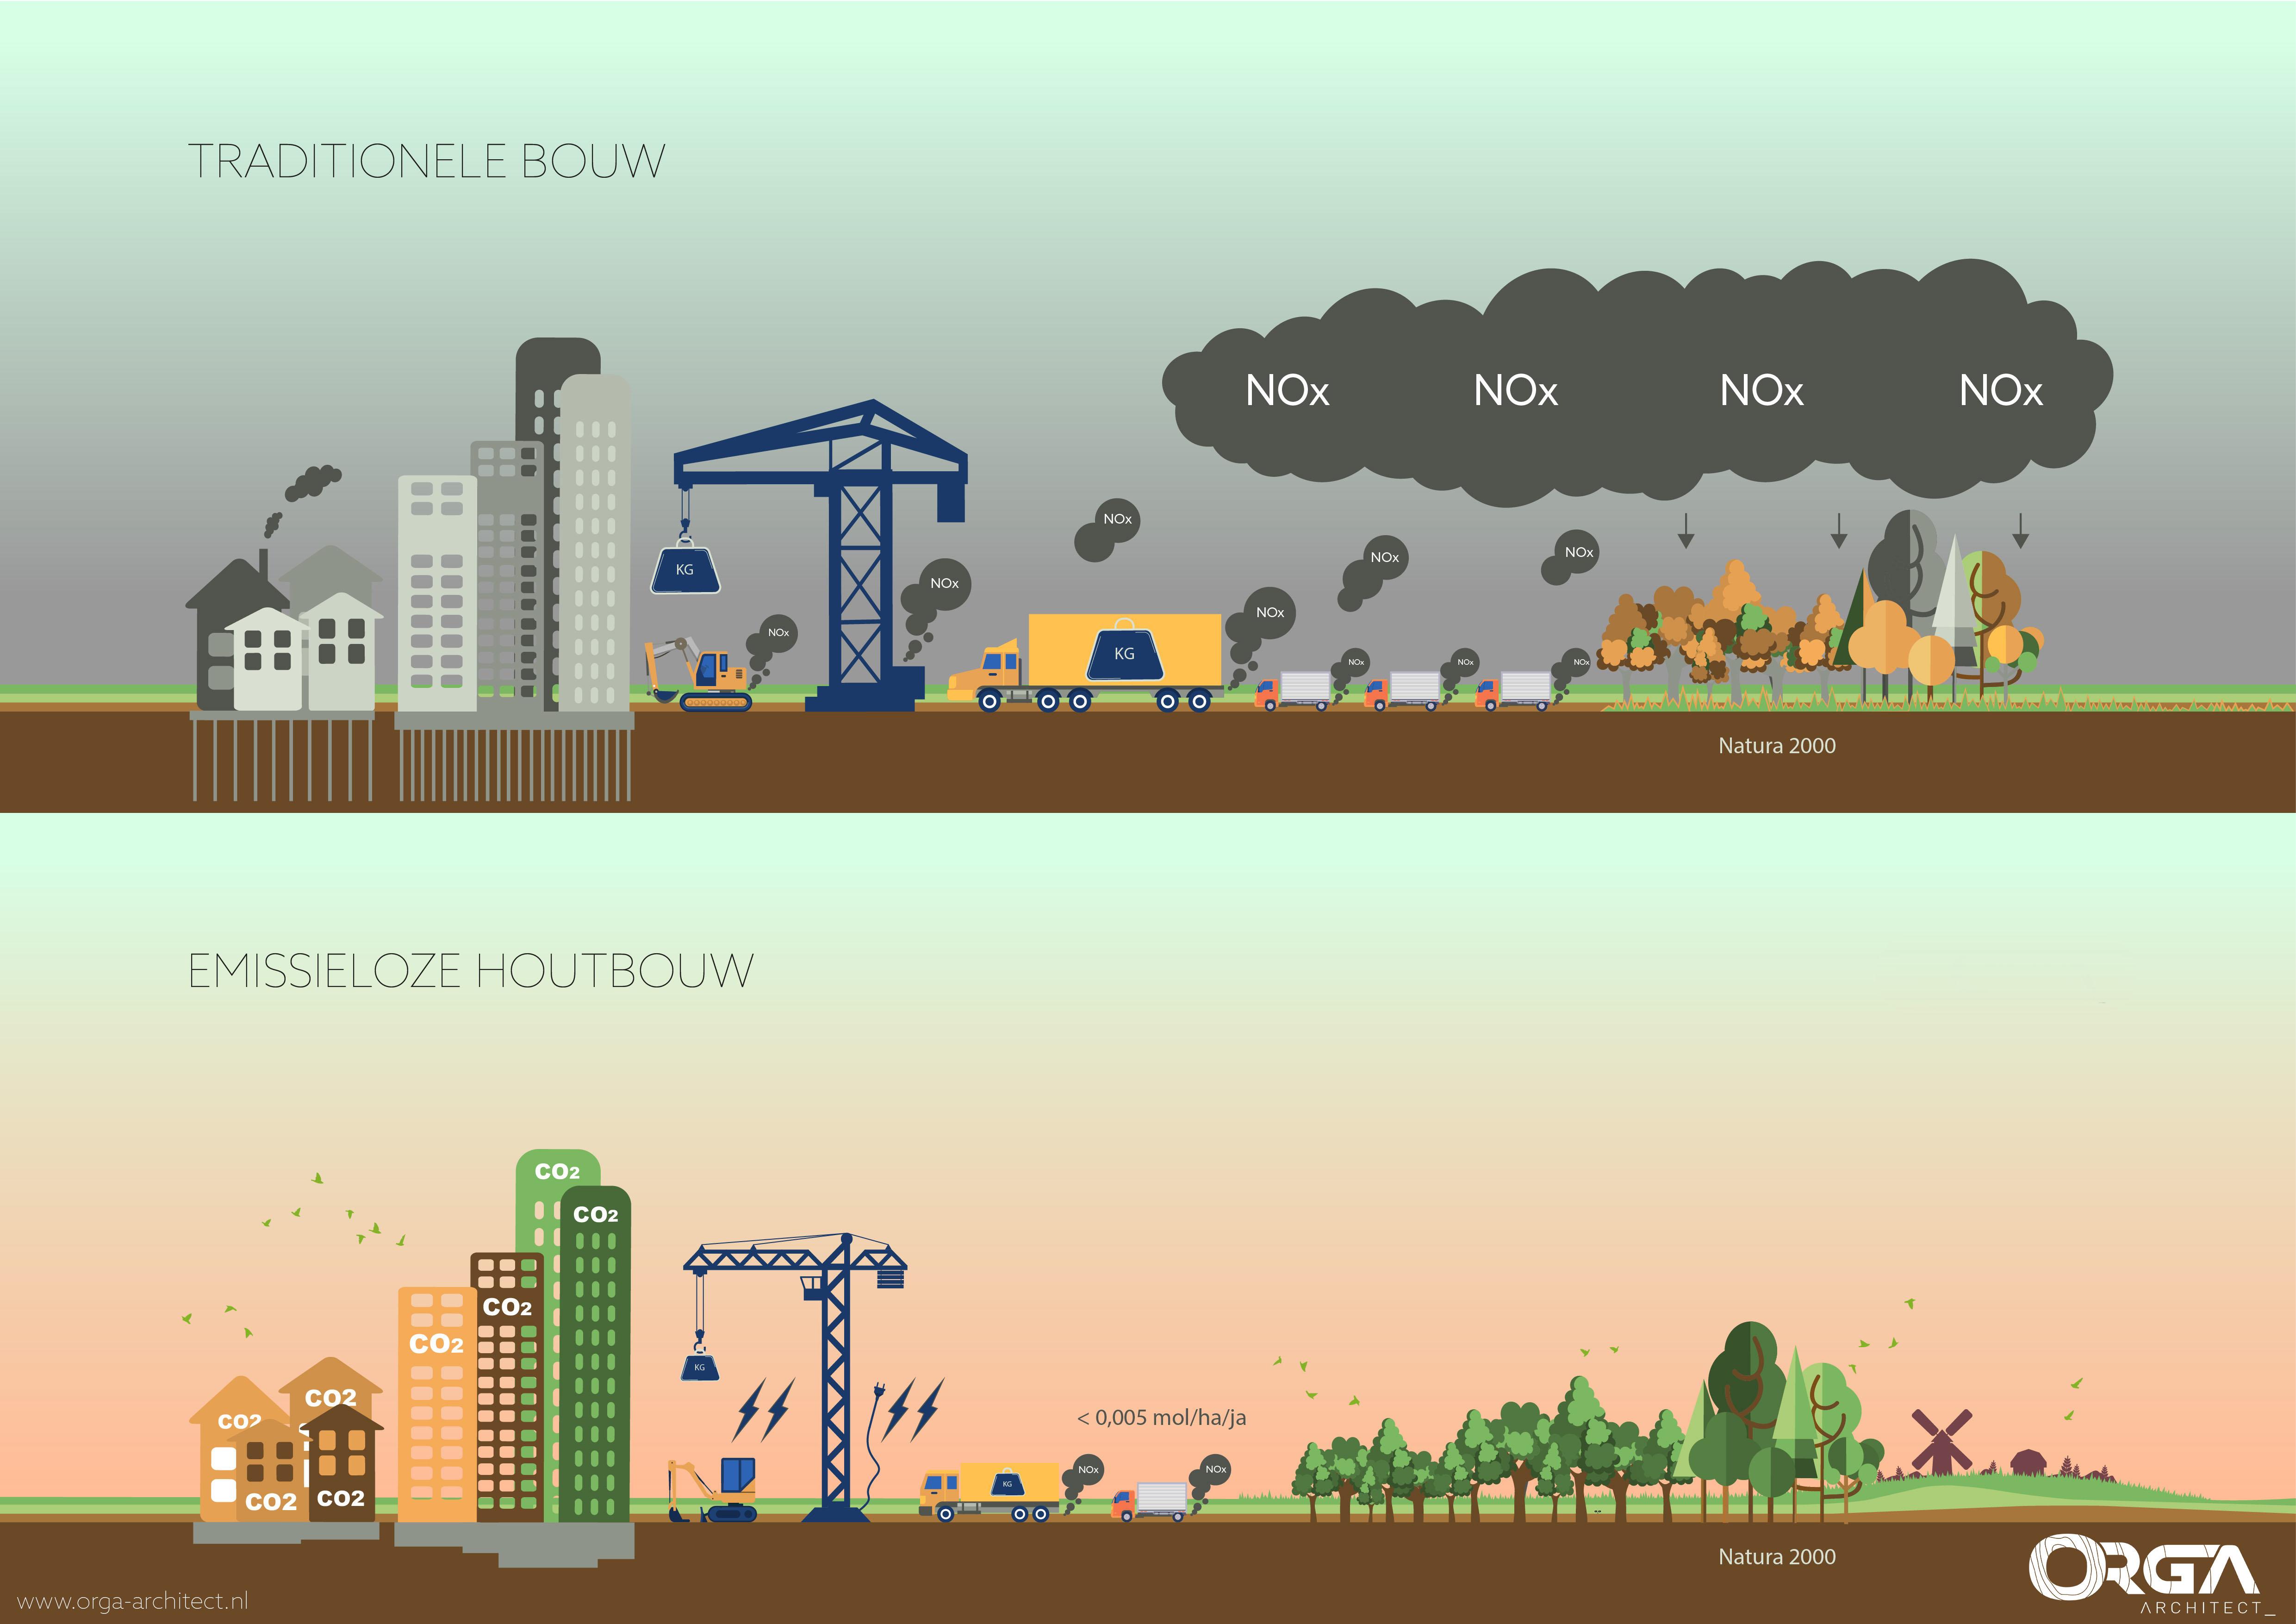 Emissieloos bouwen - ORGA architect